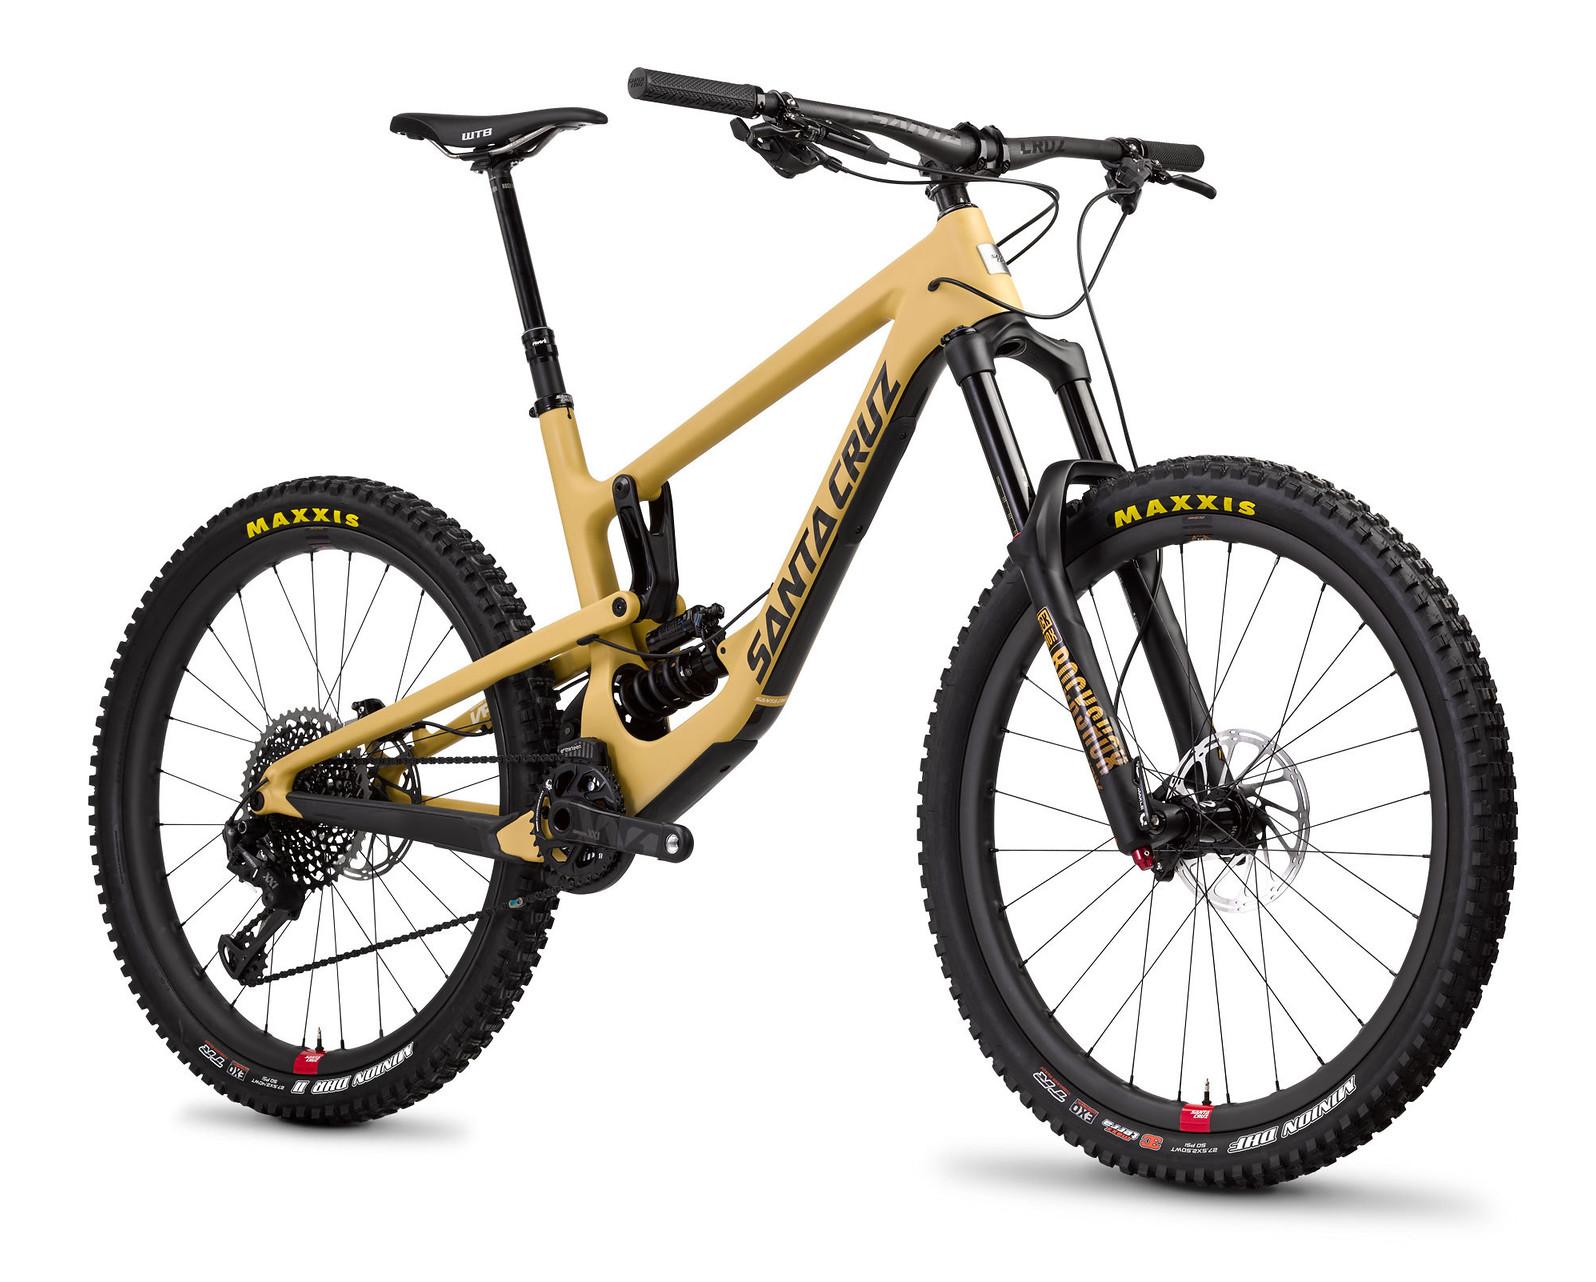 2018 santa cruz nomad carbon cc xx1 reserve reviews comparisons specs mountain bikes. Black Bedroom Furniture Sets. Home Design Ideas